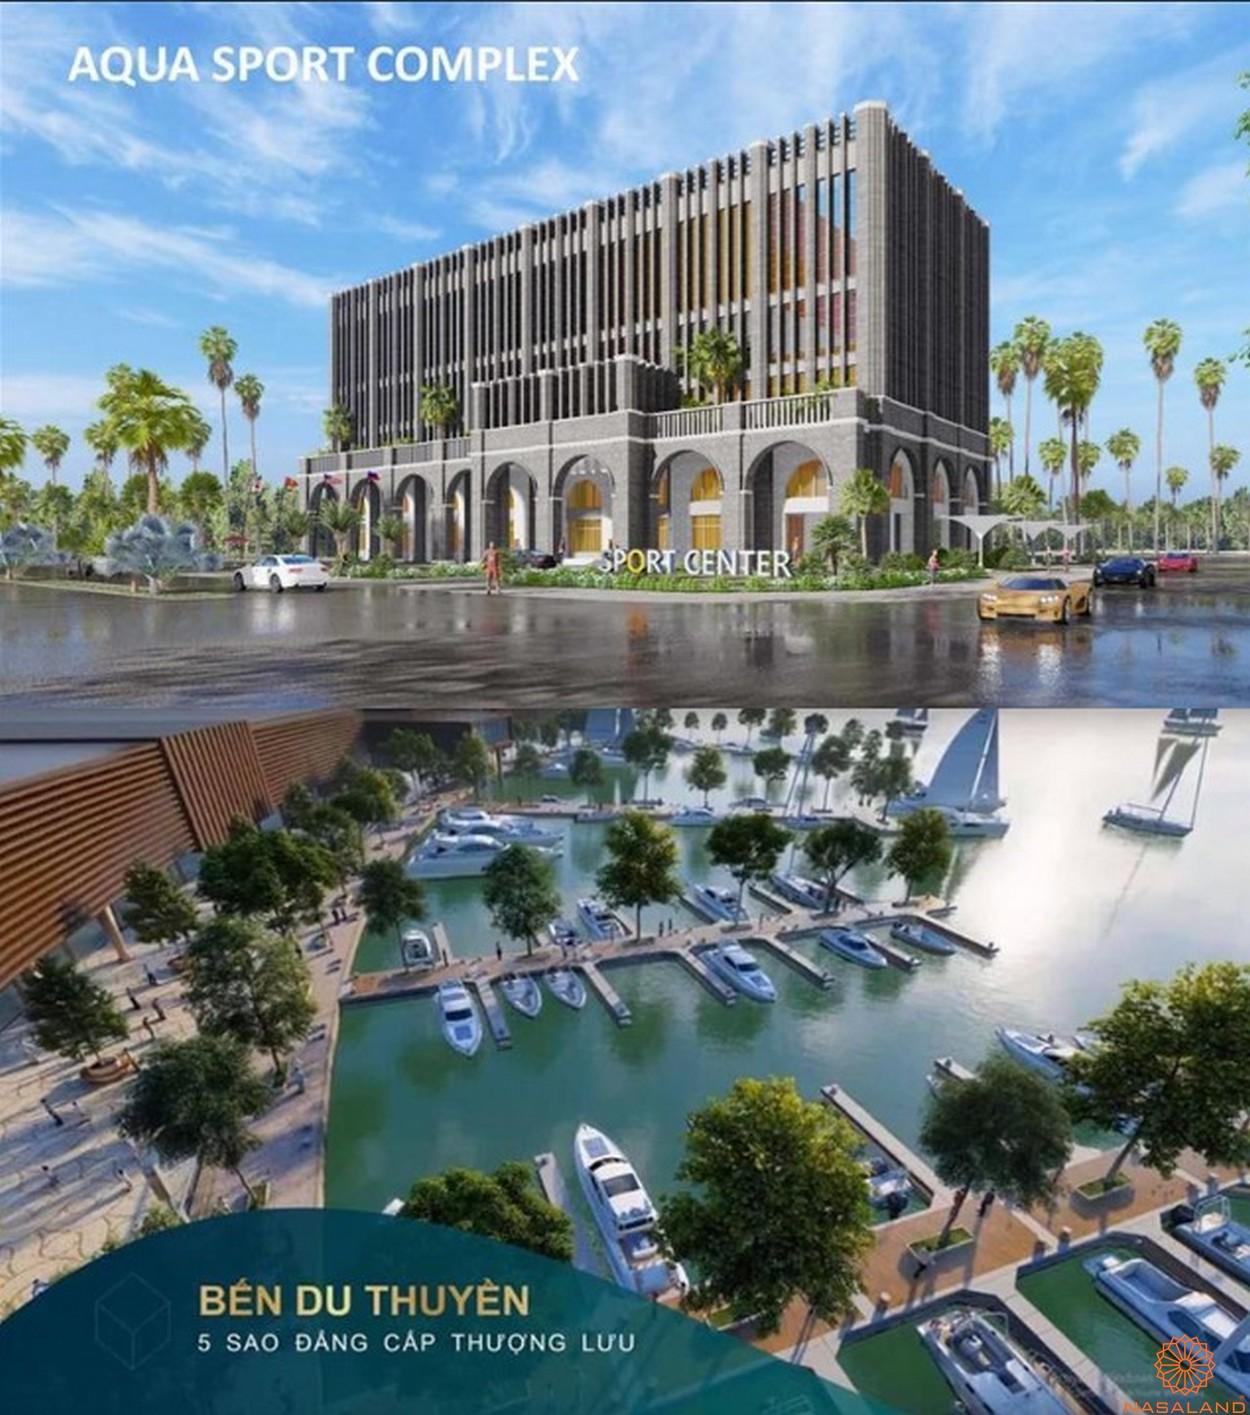 Tiện ích nội khu dự án biệt thự Aqua City Đảo Phượng Hoàng Đồng Nai